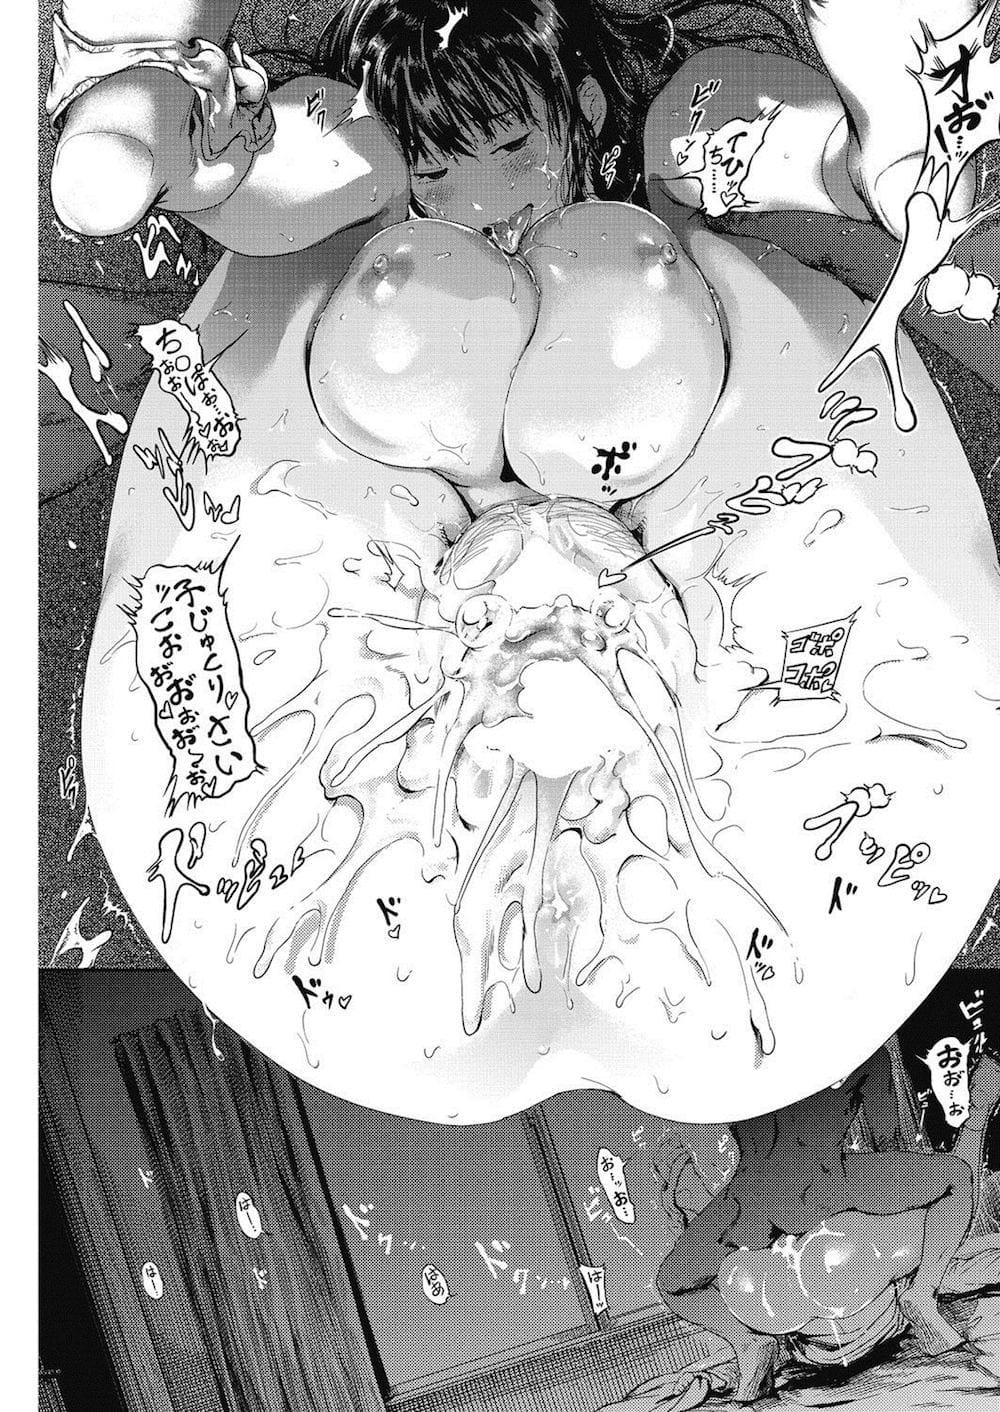 【エロ漫画】子持ちの未亡人の家に居候してから2年!僕たちは身体だけの関係ですか!遊ぶ息子が目視できる窓際で濃厚SEX!どうやら新しいパパになるみたいだよ!【くろふーど】